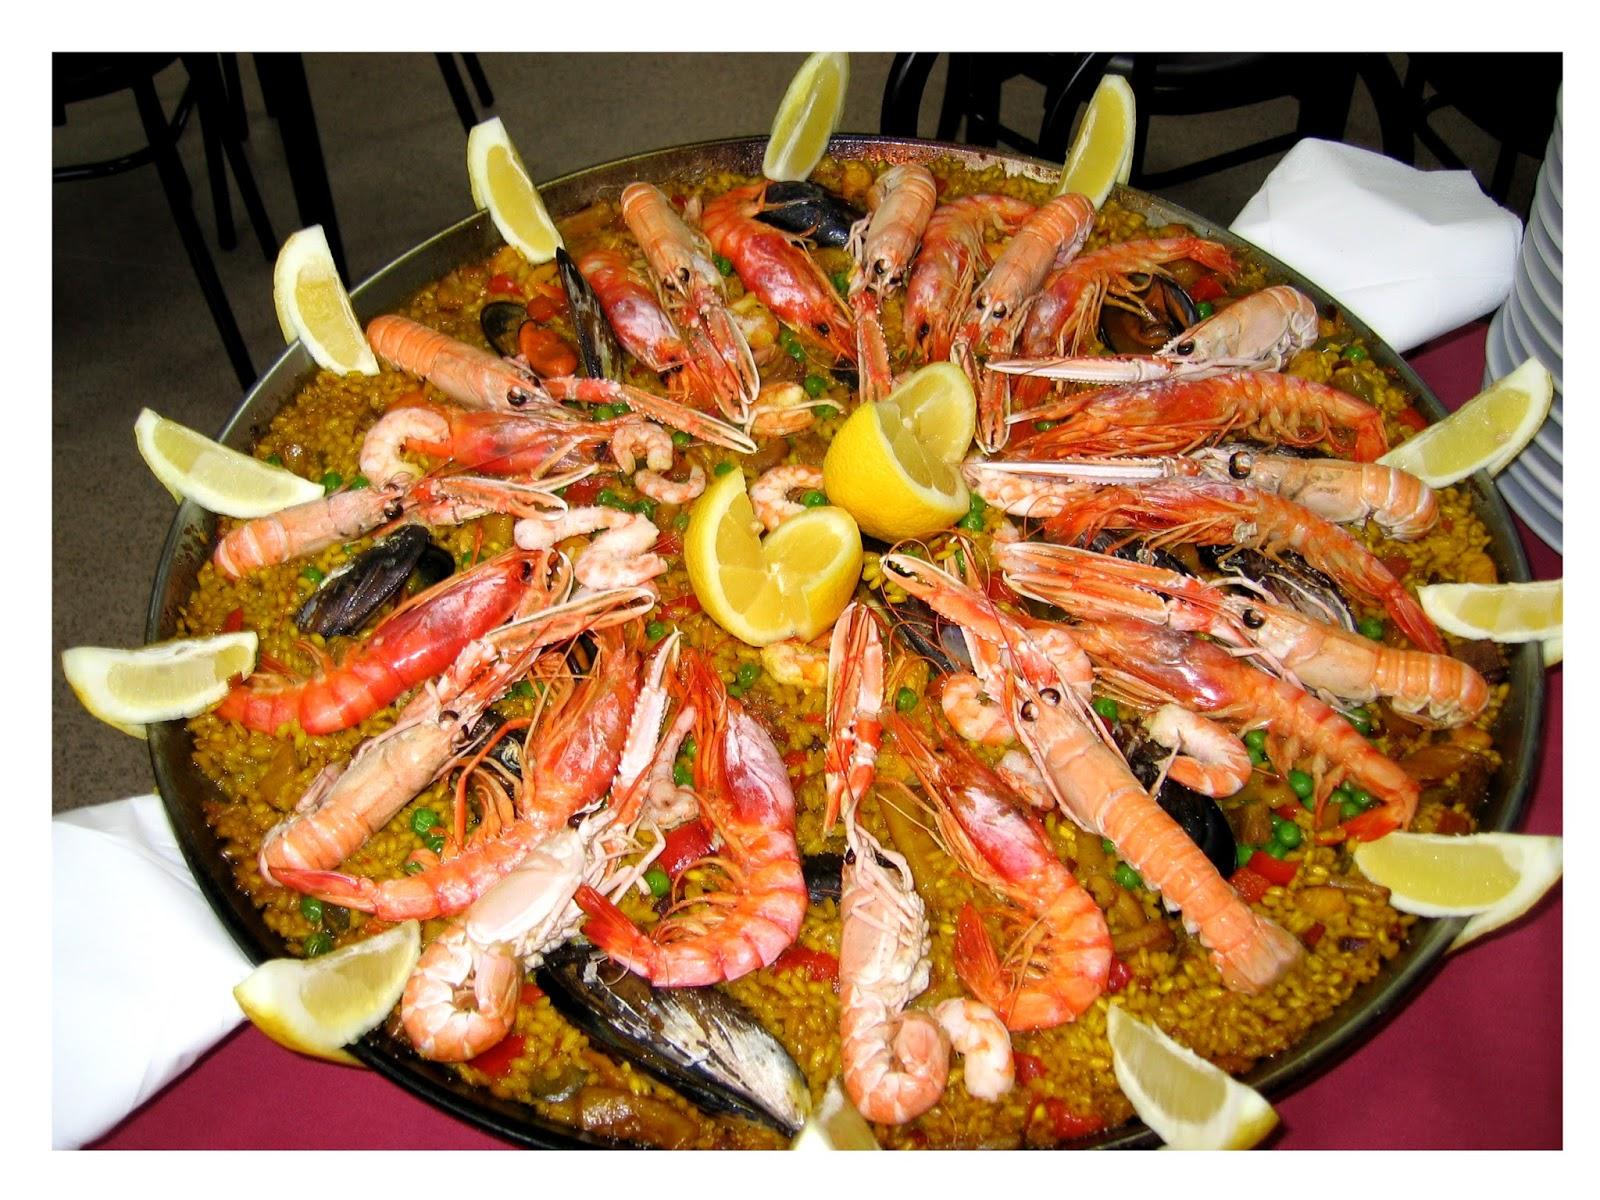 Recetas de cocina saludables y fáciles: Paella de marisco